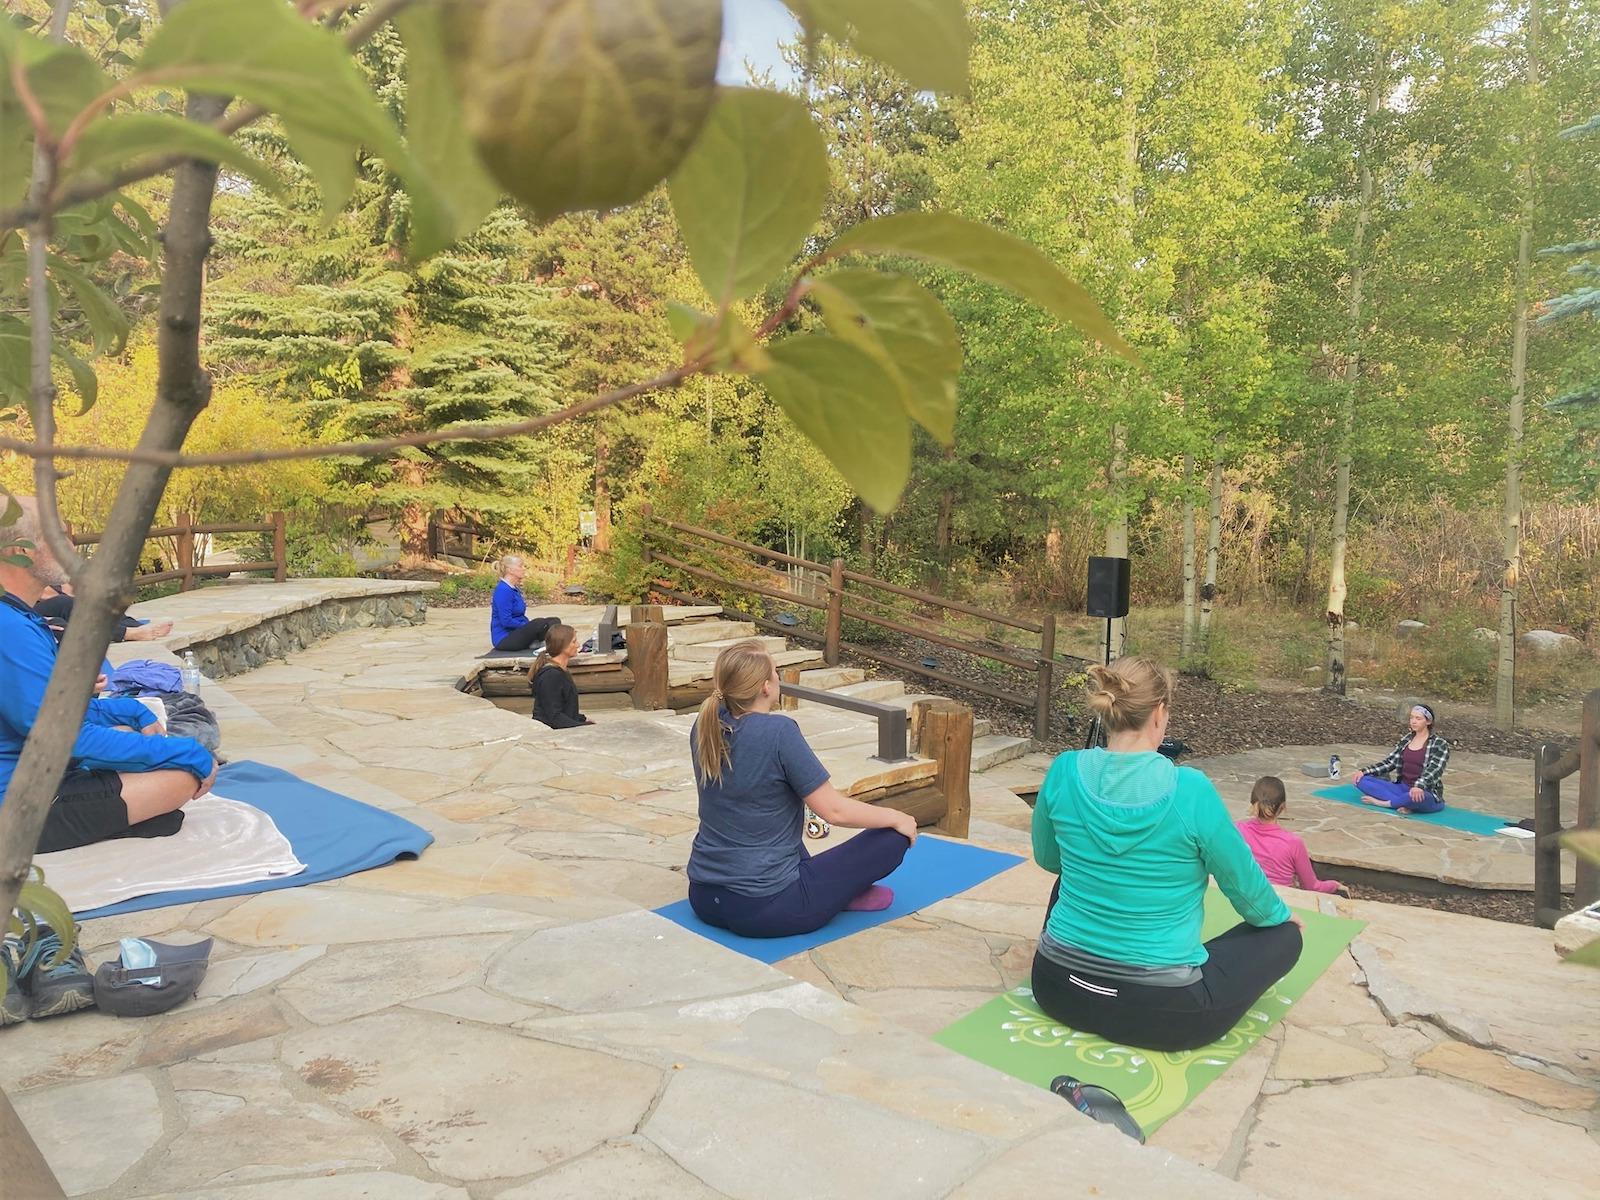 Gambar orang melakukan yoga di Align in the Pines di keystone